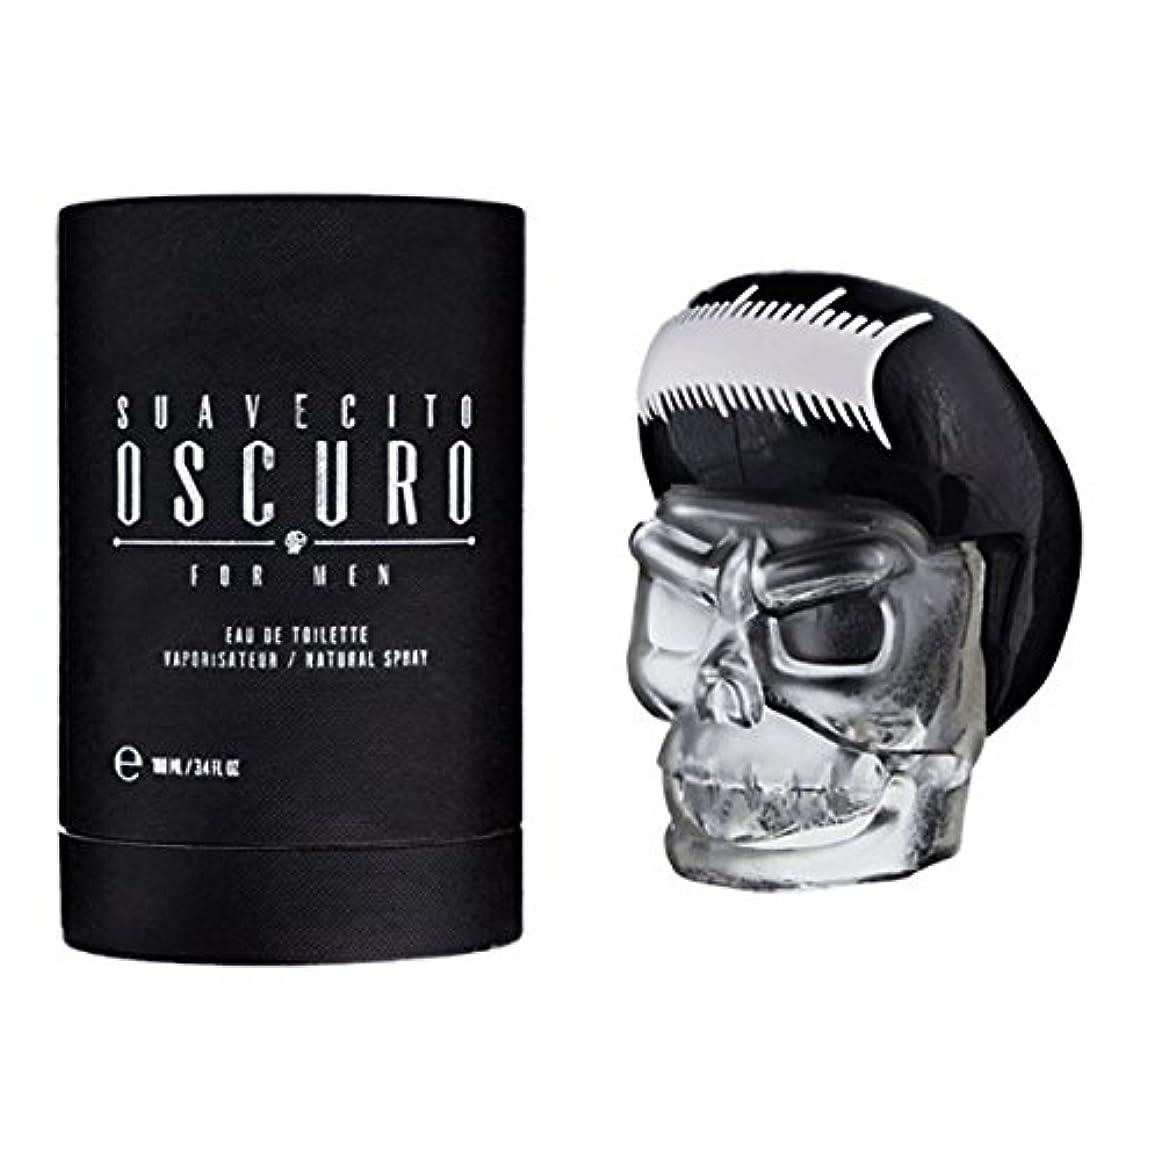 生命体散らすそれにもかかわらずSUAVECITO スアベシート 【Oscuro - Men's Cologne】 メンズコロン コロン 3.4 FL OZ(約100ml) 香水